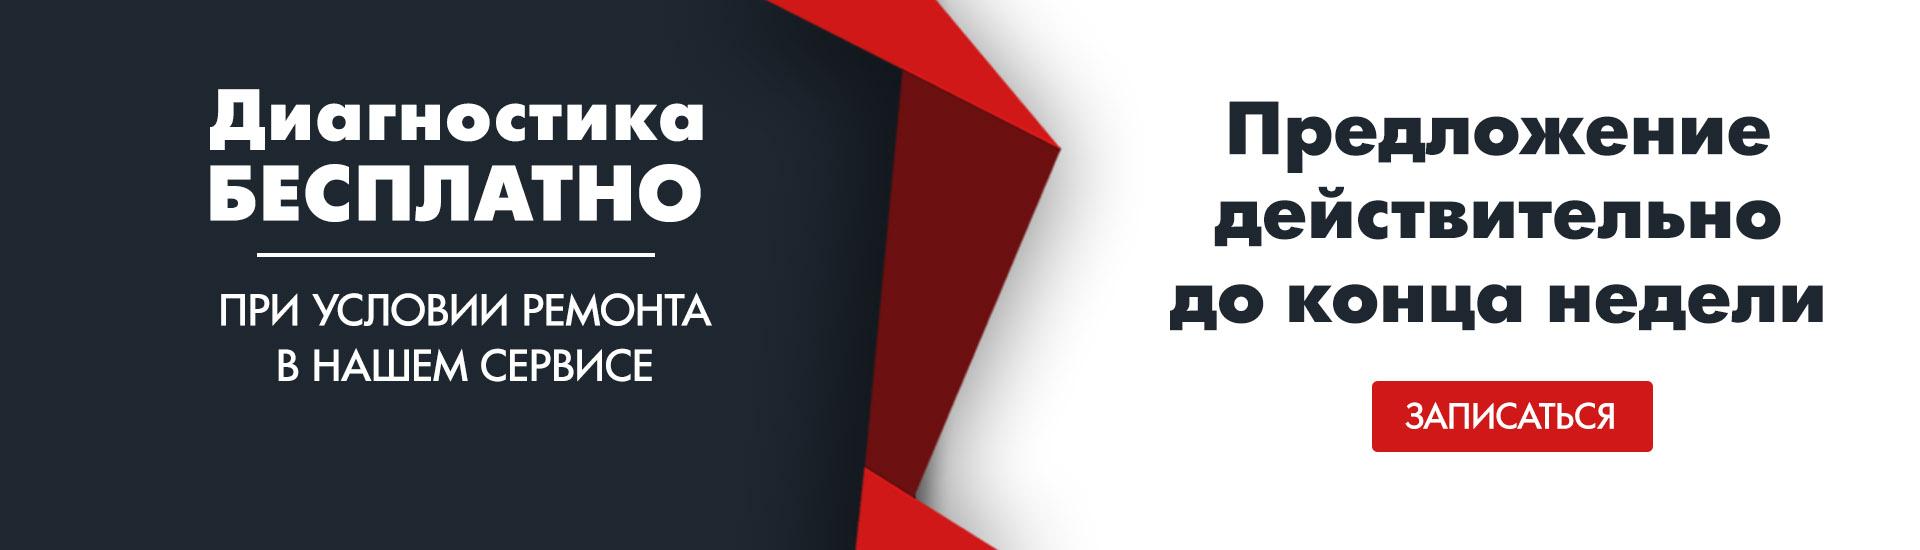 Bmw клуб москва сервис отзывы о ночных клубах курска